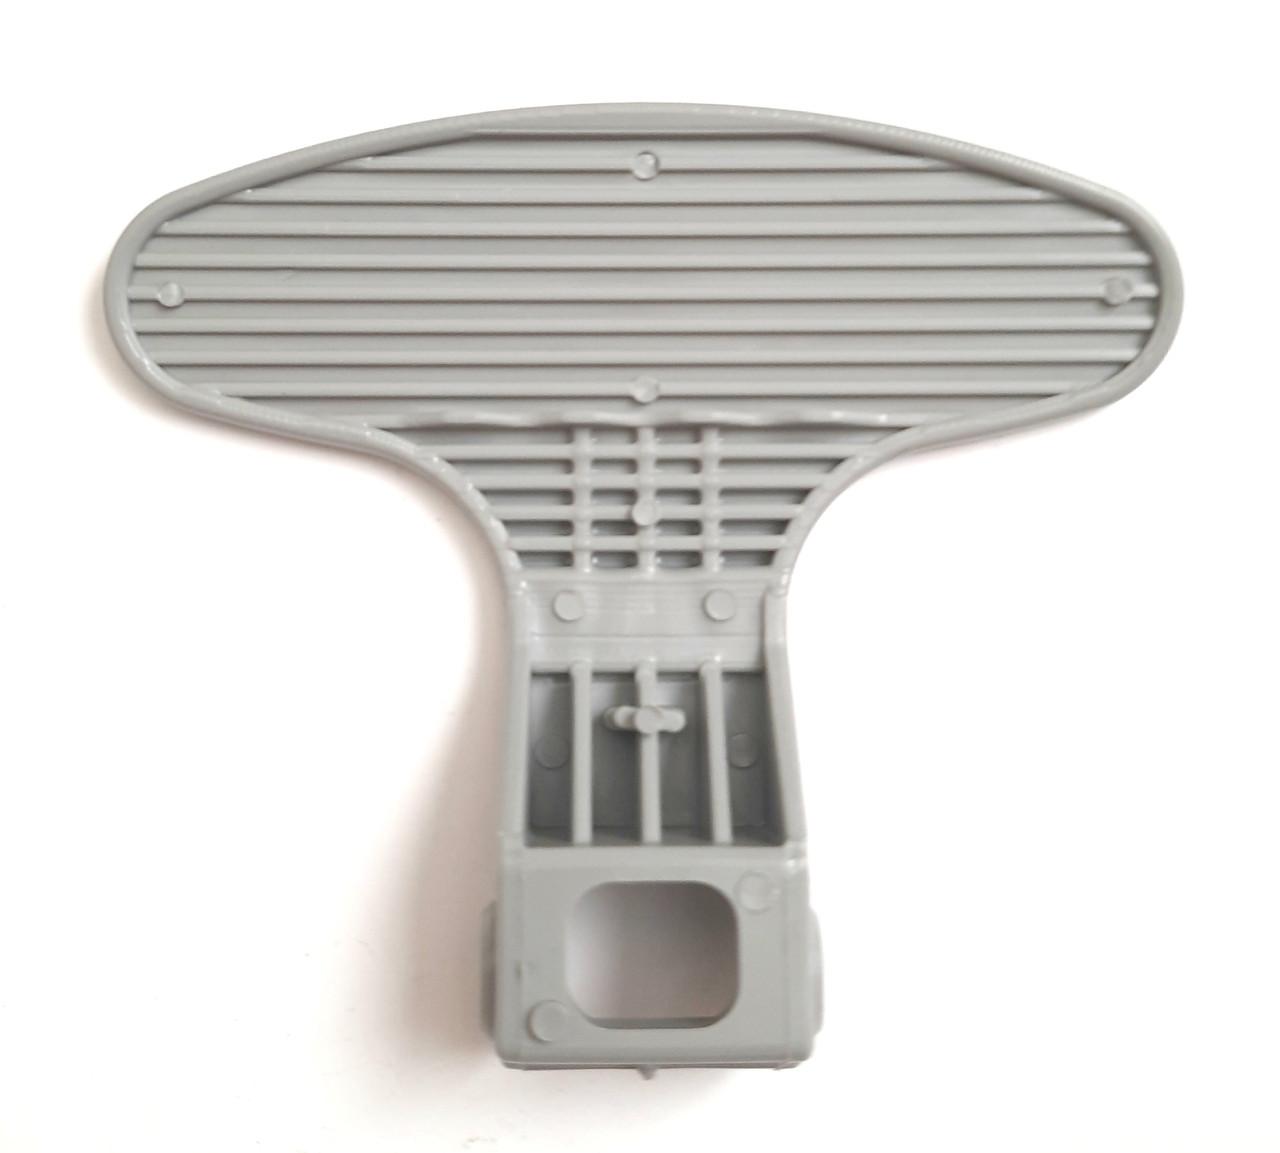 Ручка дверки Beko 2821580200 для стиральной машины